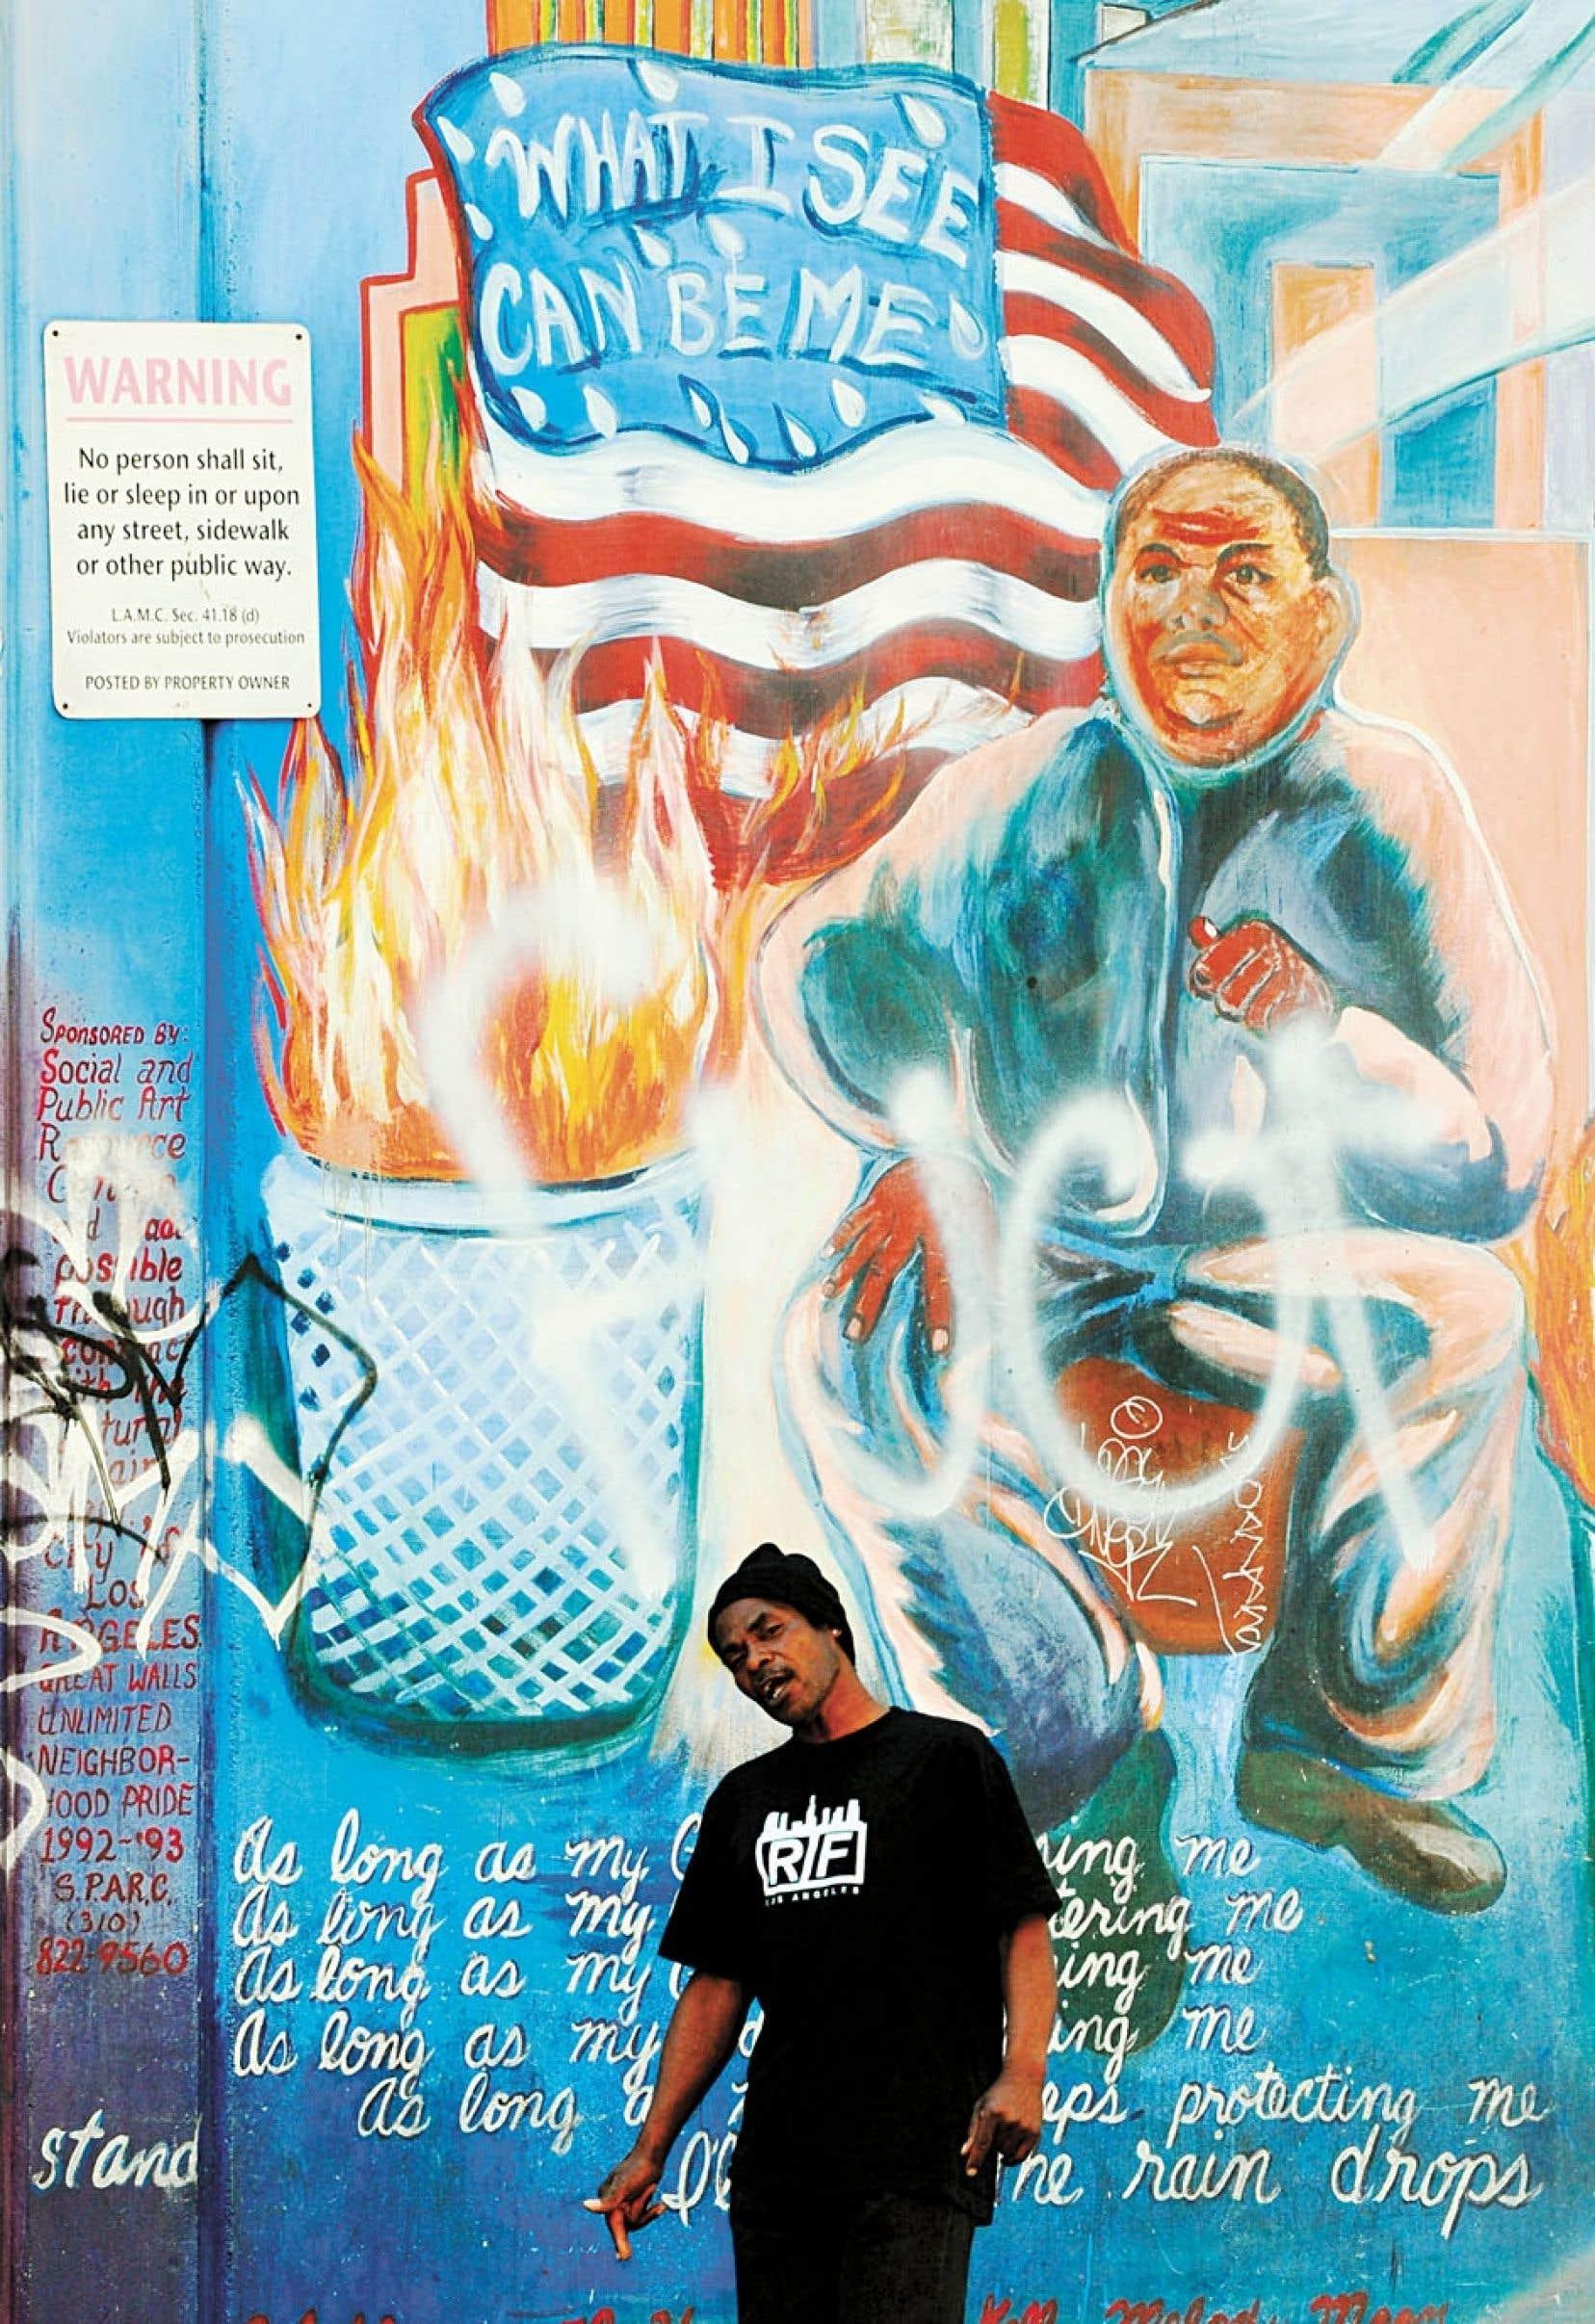 À Los Angeles, un homme sans emploi passe devant un immense graffiti. La communauté afro-américaine souffre davantage du chômage que l'ensemble des Américains.